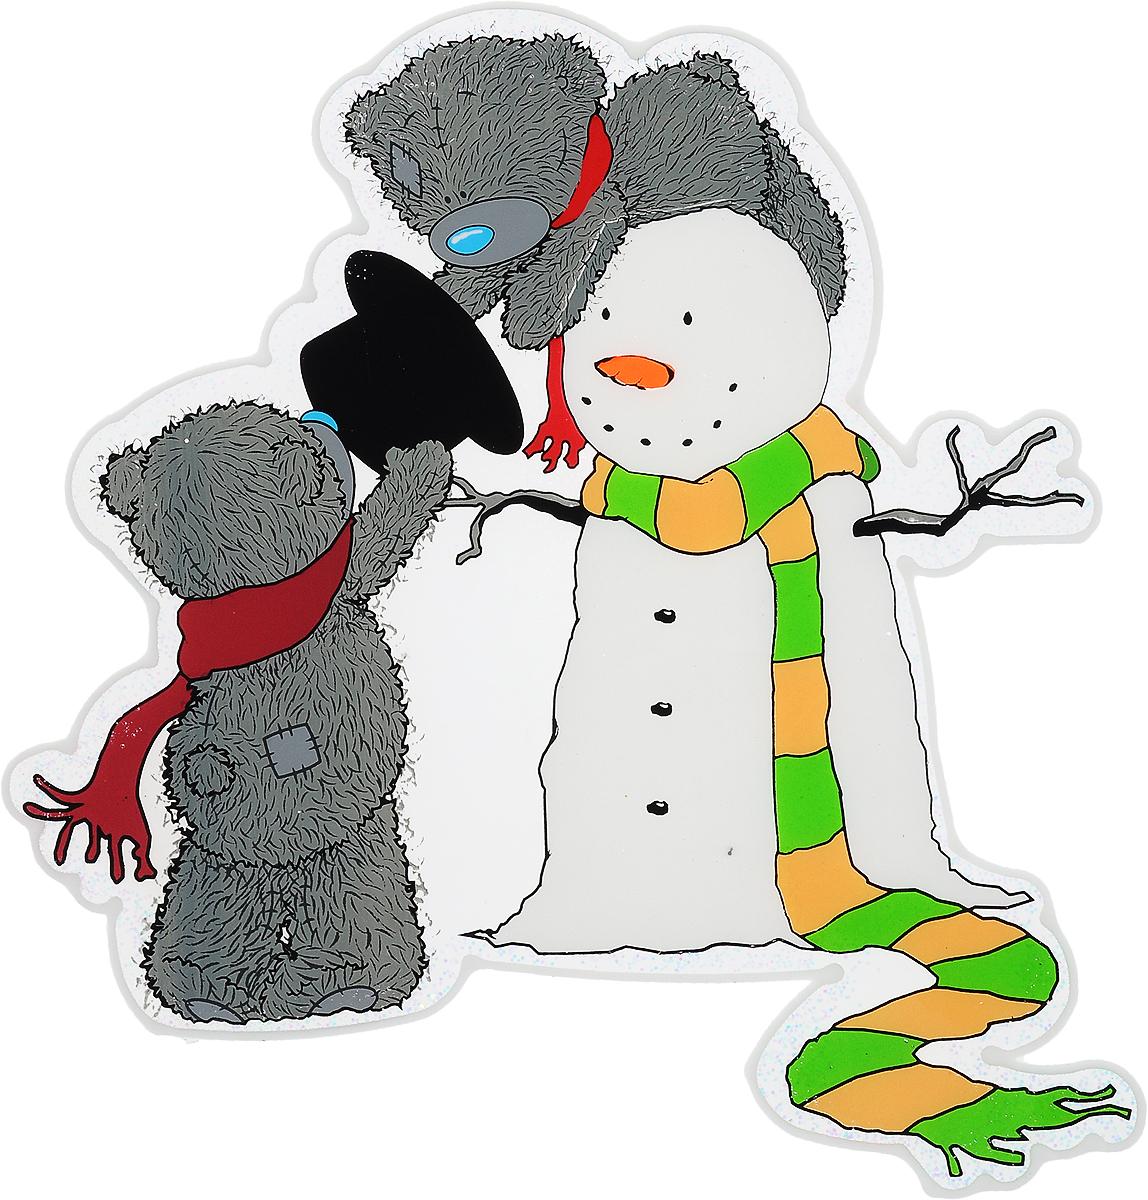 Новогоднее оконное украшение Winter Wings Me To You, 24,5 х 25,5 смMTY-N09003Новогоднее оконное украшение Winter Wings Me To You выполнено из ПВХ в виде медвежат Тедди и снеговика. С помощью гелевой наклейки Winter Wings Me To You можно составлять на стекле целые зимние сюжеты, которые будут радовать глаз, и поднимать настроение в праздничные дни! Так же Вы можете преподнести этот сувенир в качестве мини-презента коллегам, близким и друзьям с пожеланиями счастливого Нового Года!